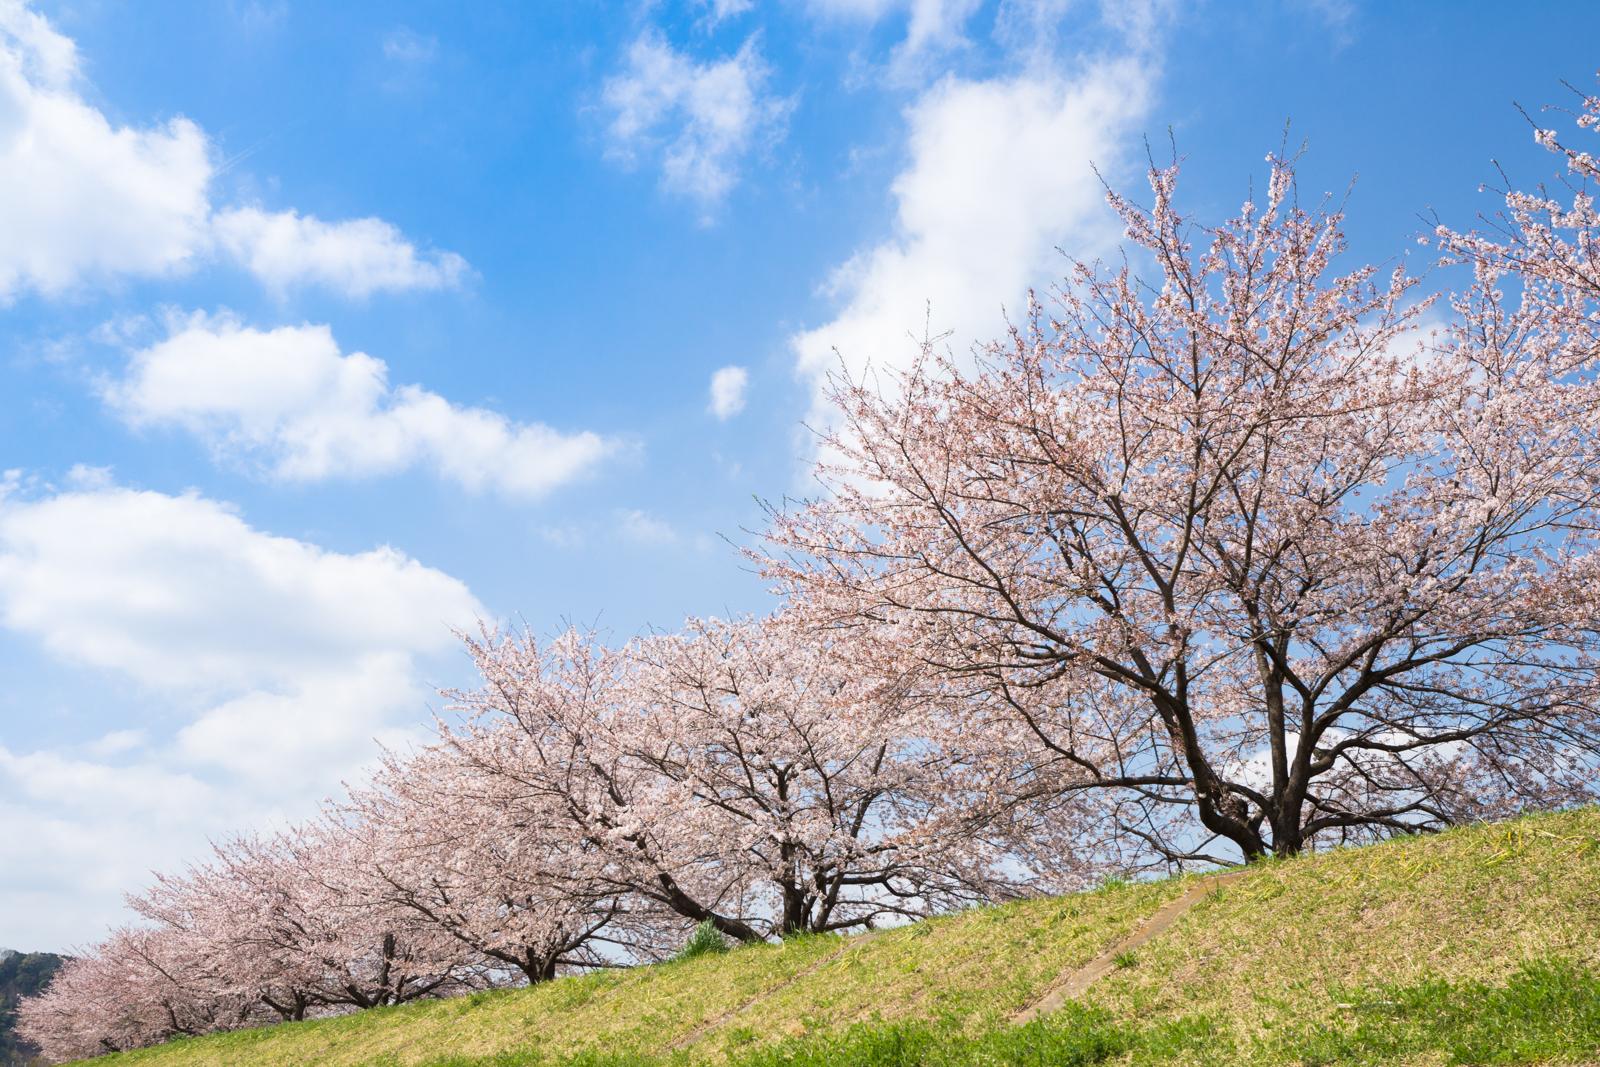 羽村の堰周辺の桜の写真